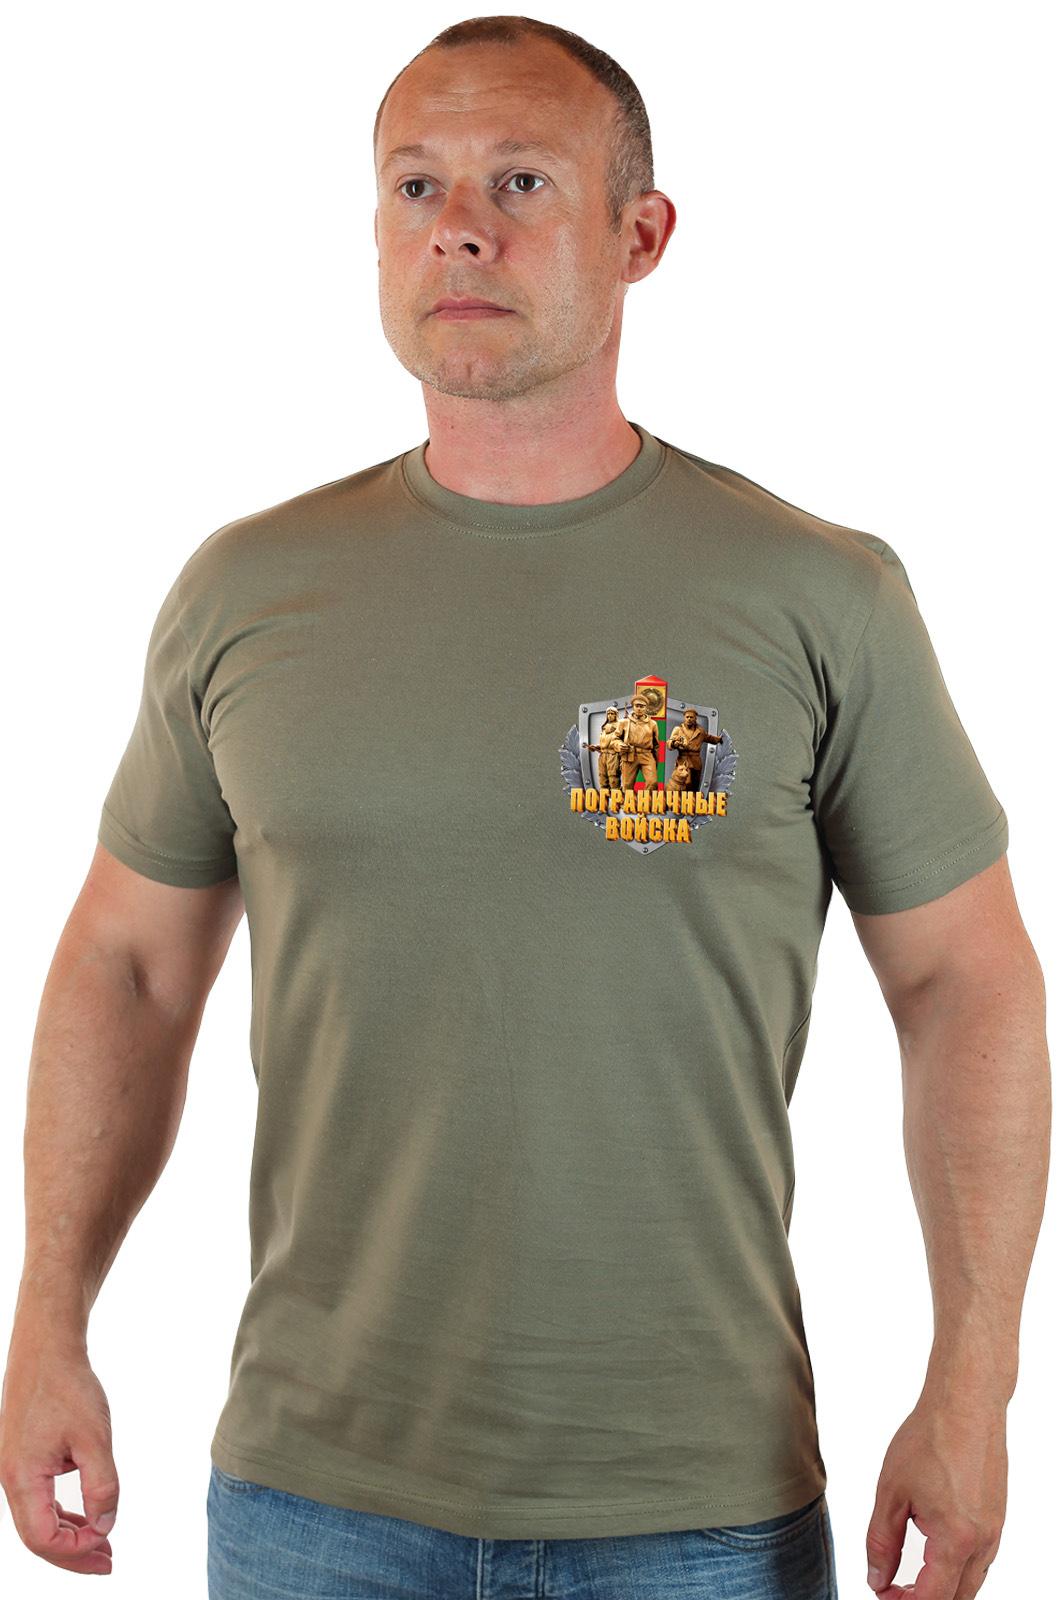 Купить в Москве с доставкой мужскую футболку Пограничные Войска